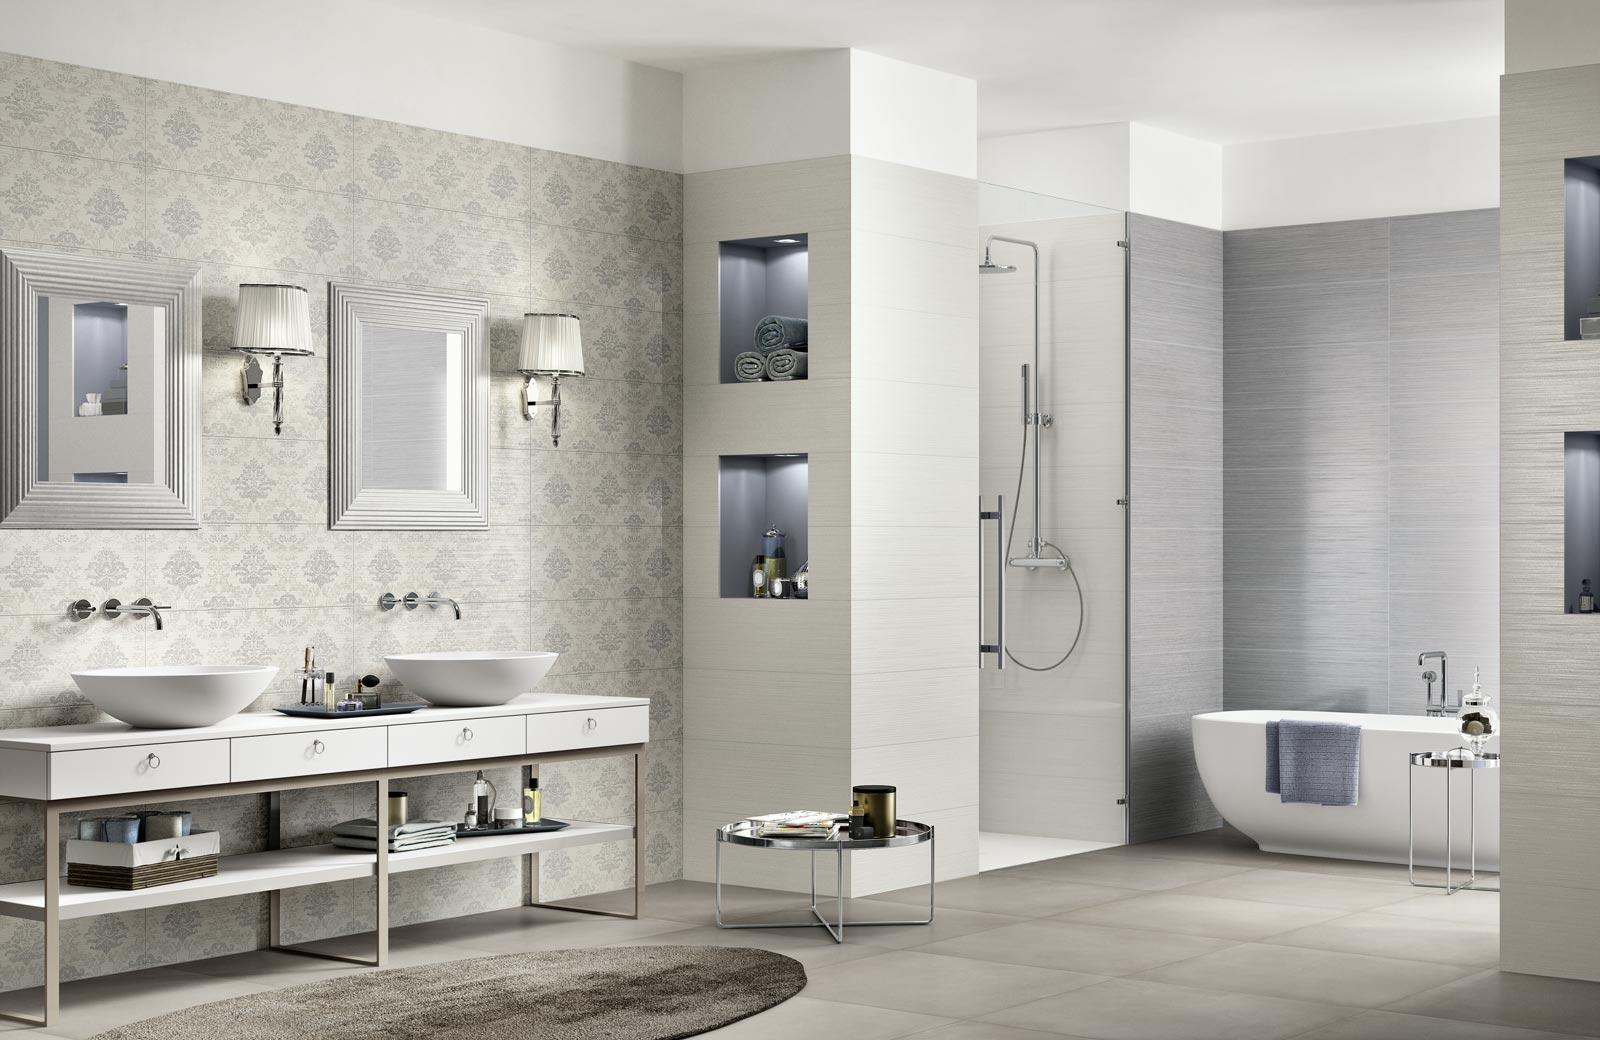 Collezione wallpaper rivestimenti classici per il bagno - Piastrelle ragno catalogo ...